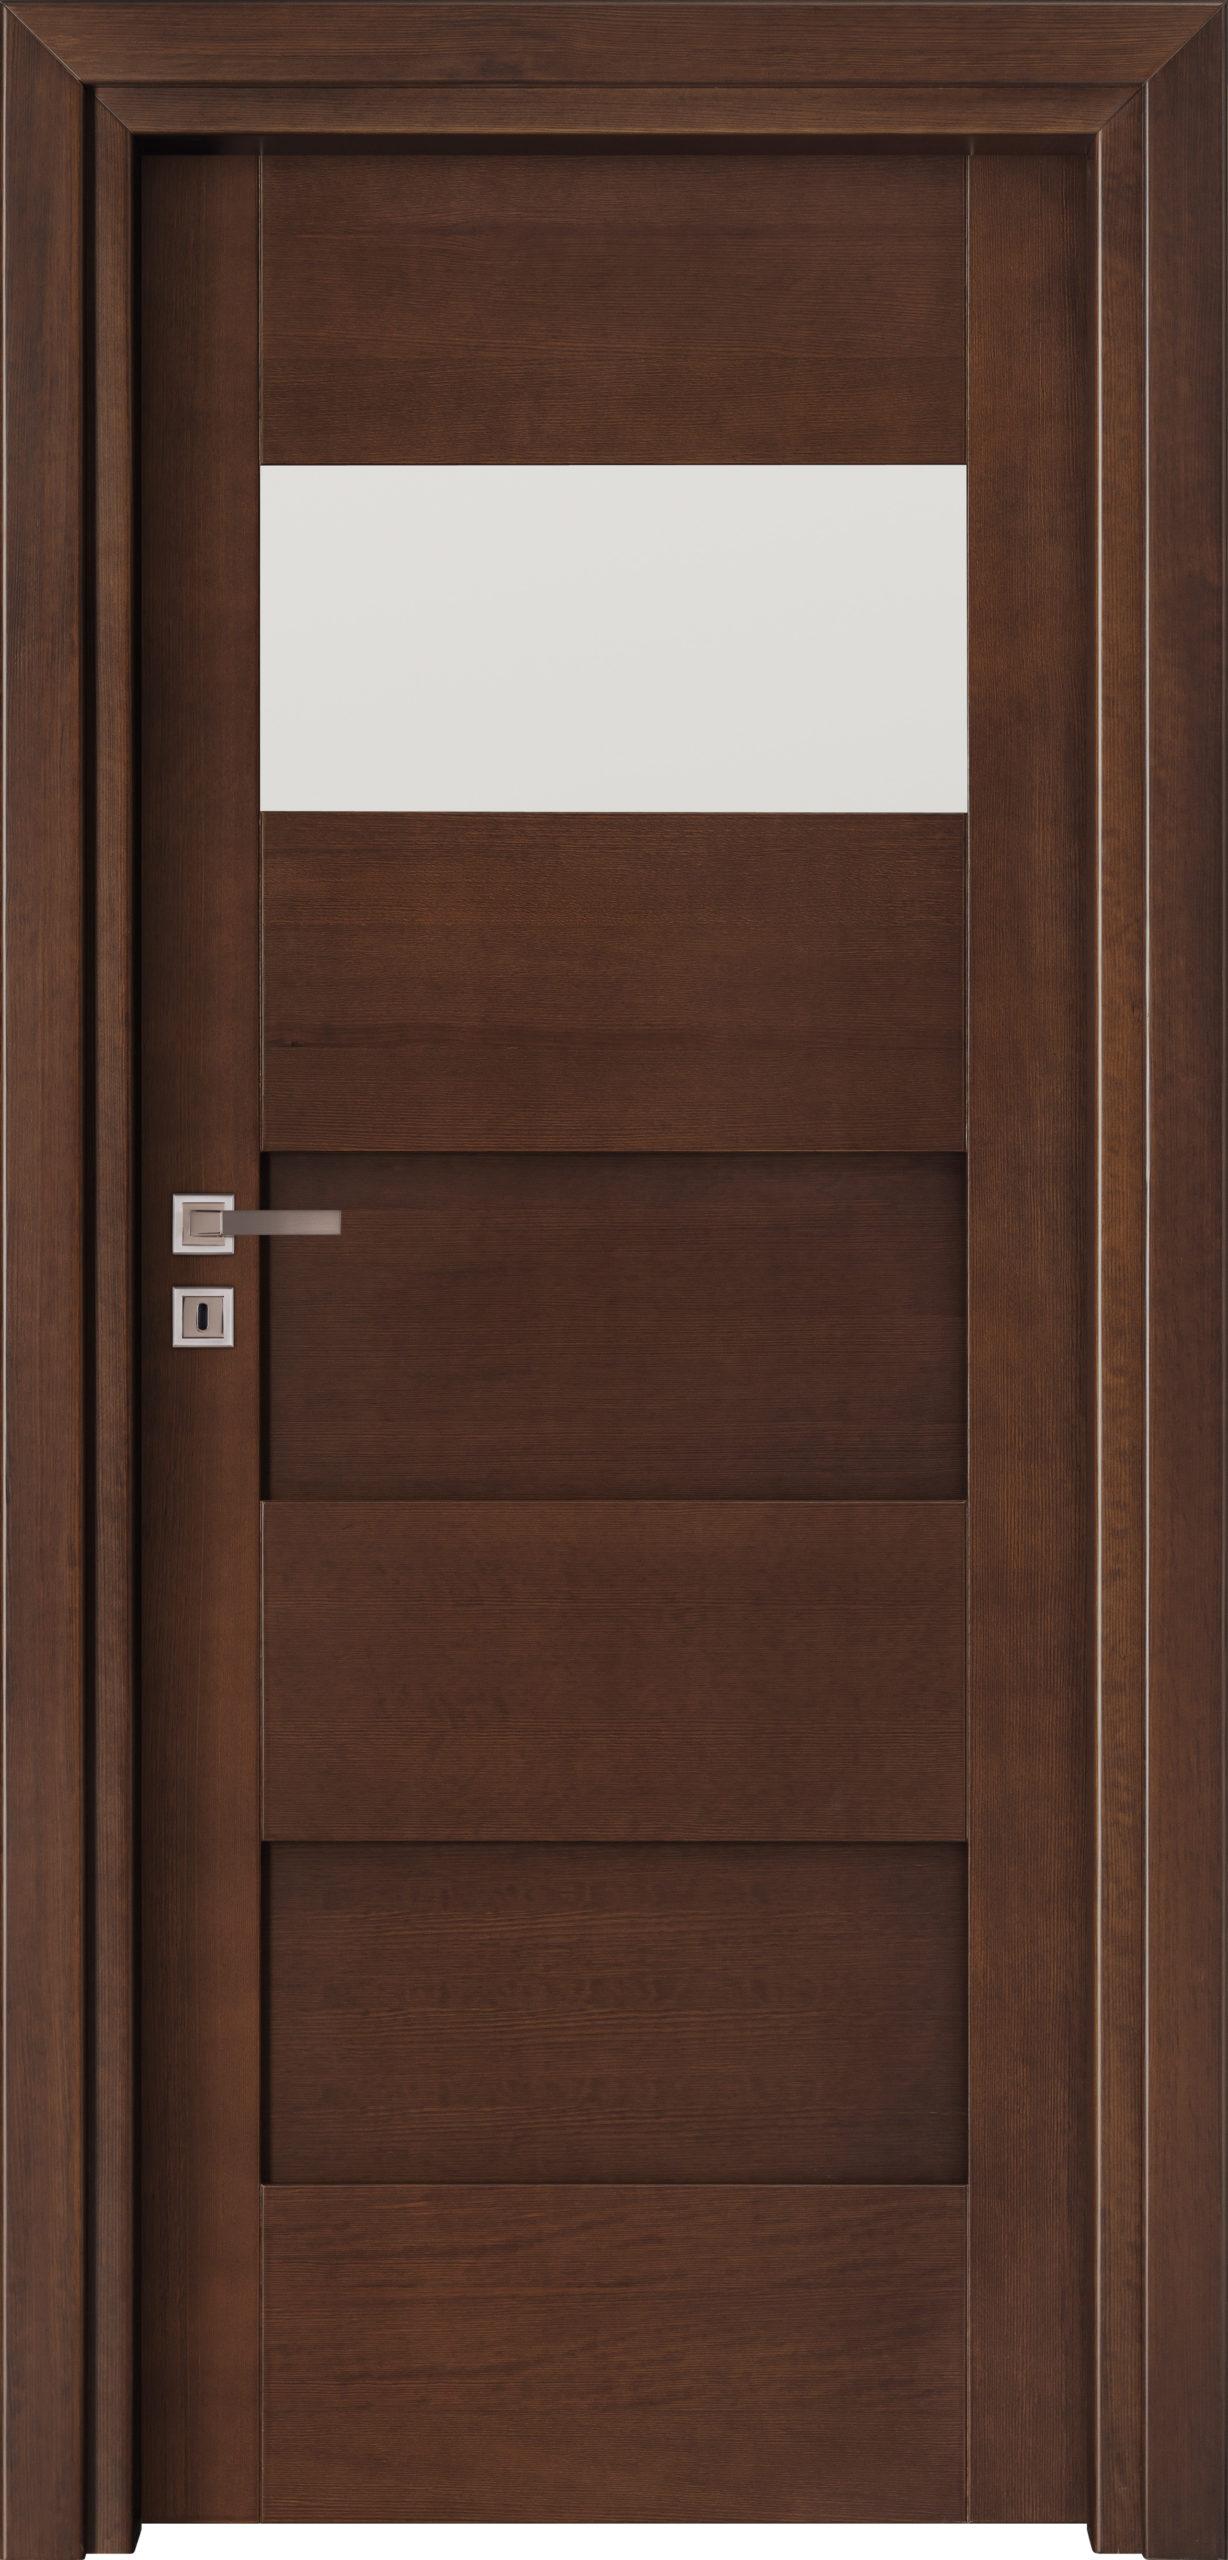 Bolzano A3 - jesion - jasny orzech - szklenie lacomat bezpieczny - ościeżnica przylgowa regulowana drewniana prosta (IIa)